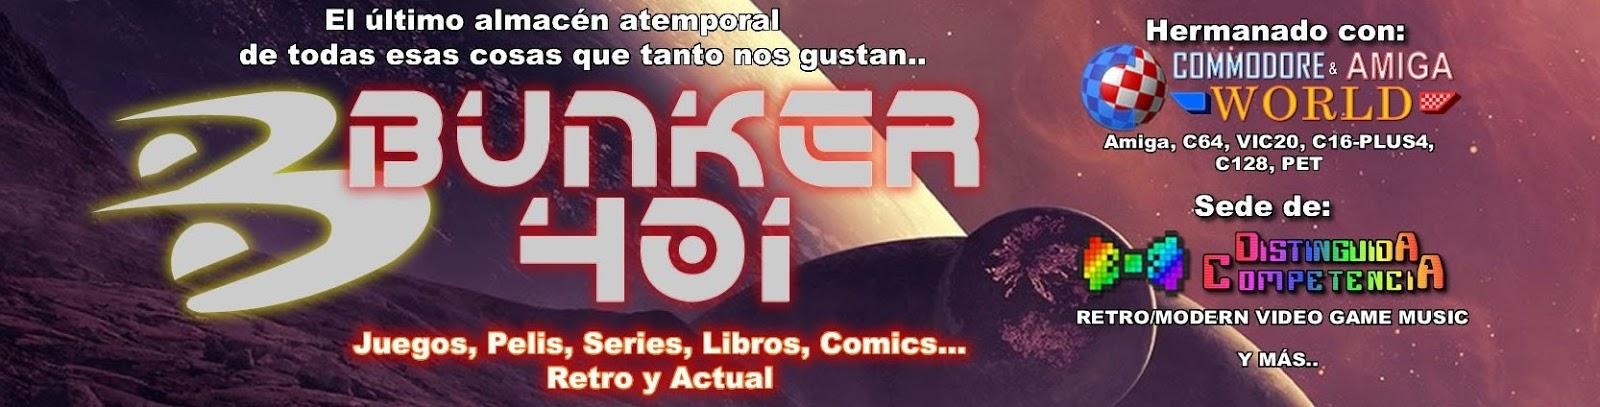 Bunker401